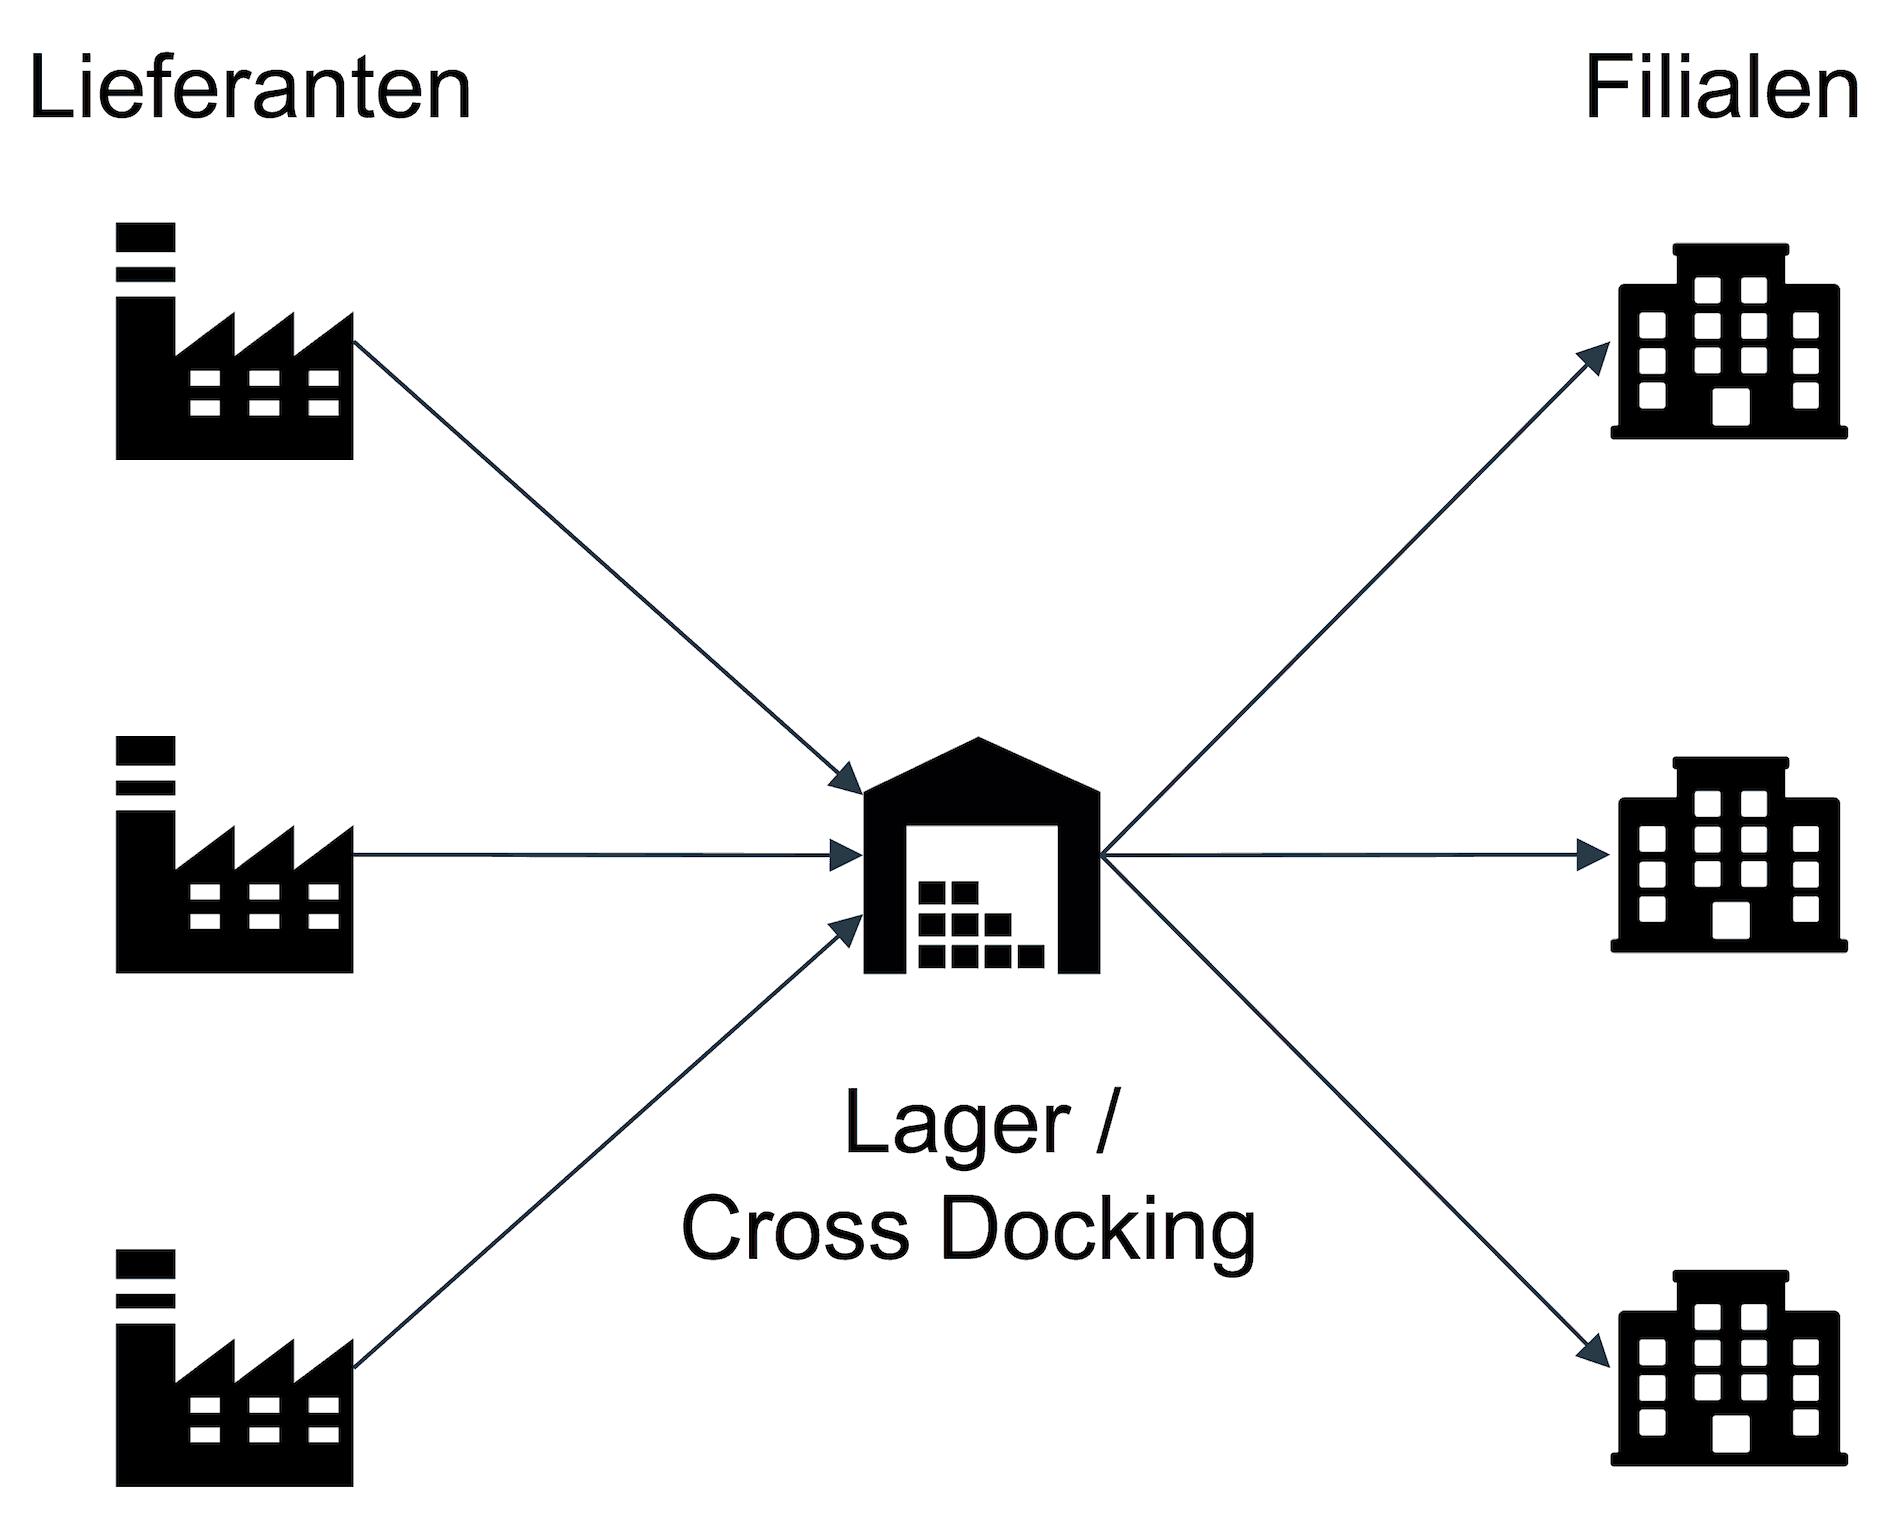 Lagerbelieferung mit Cross-Docking-Verfahren